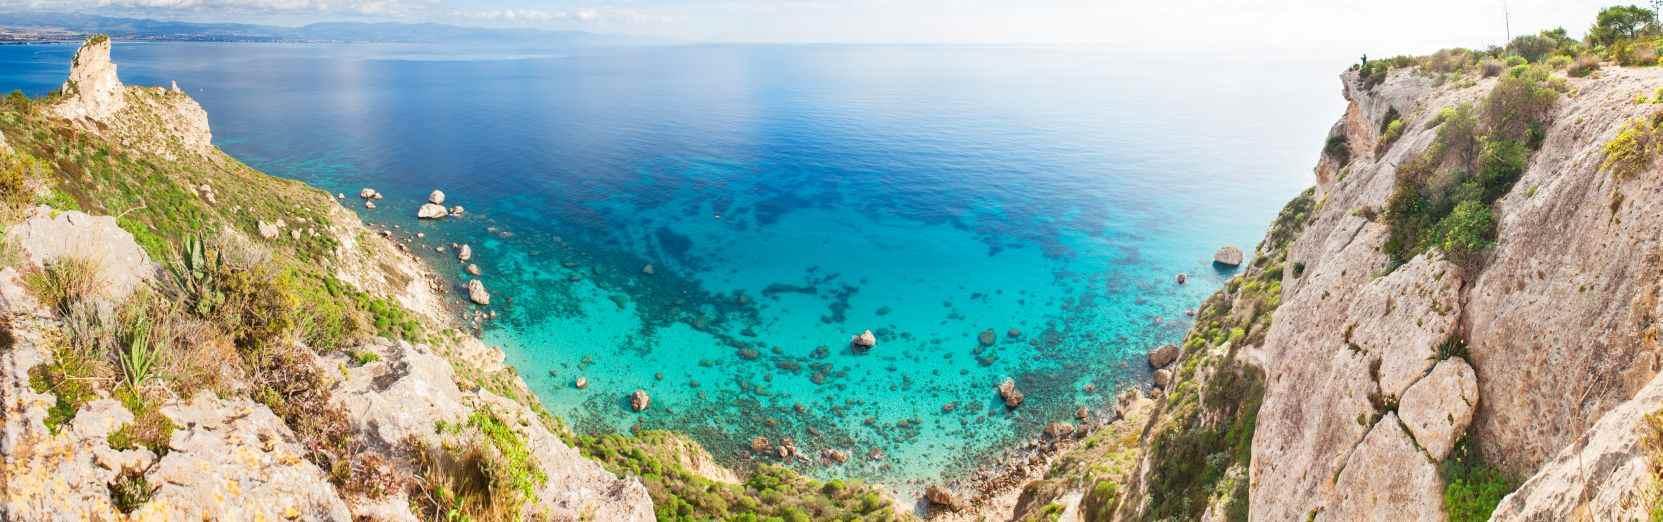 Cagliari Mietwagen ohne Kreditkarte